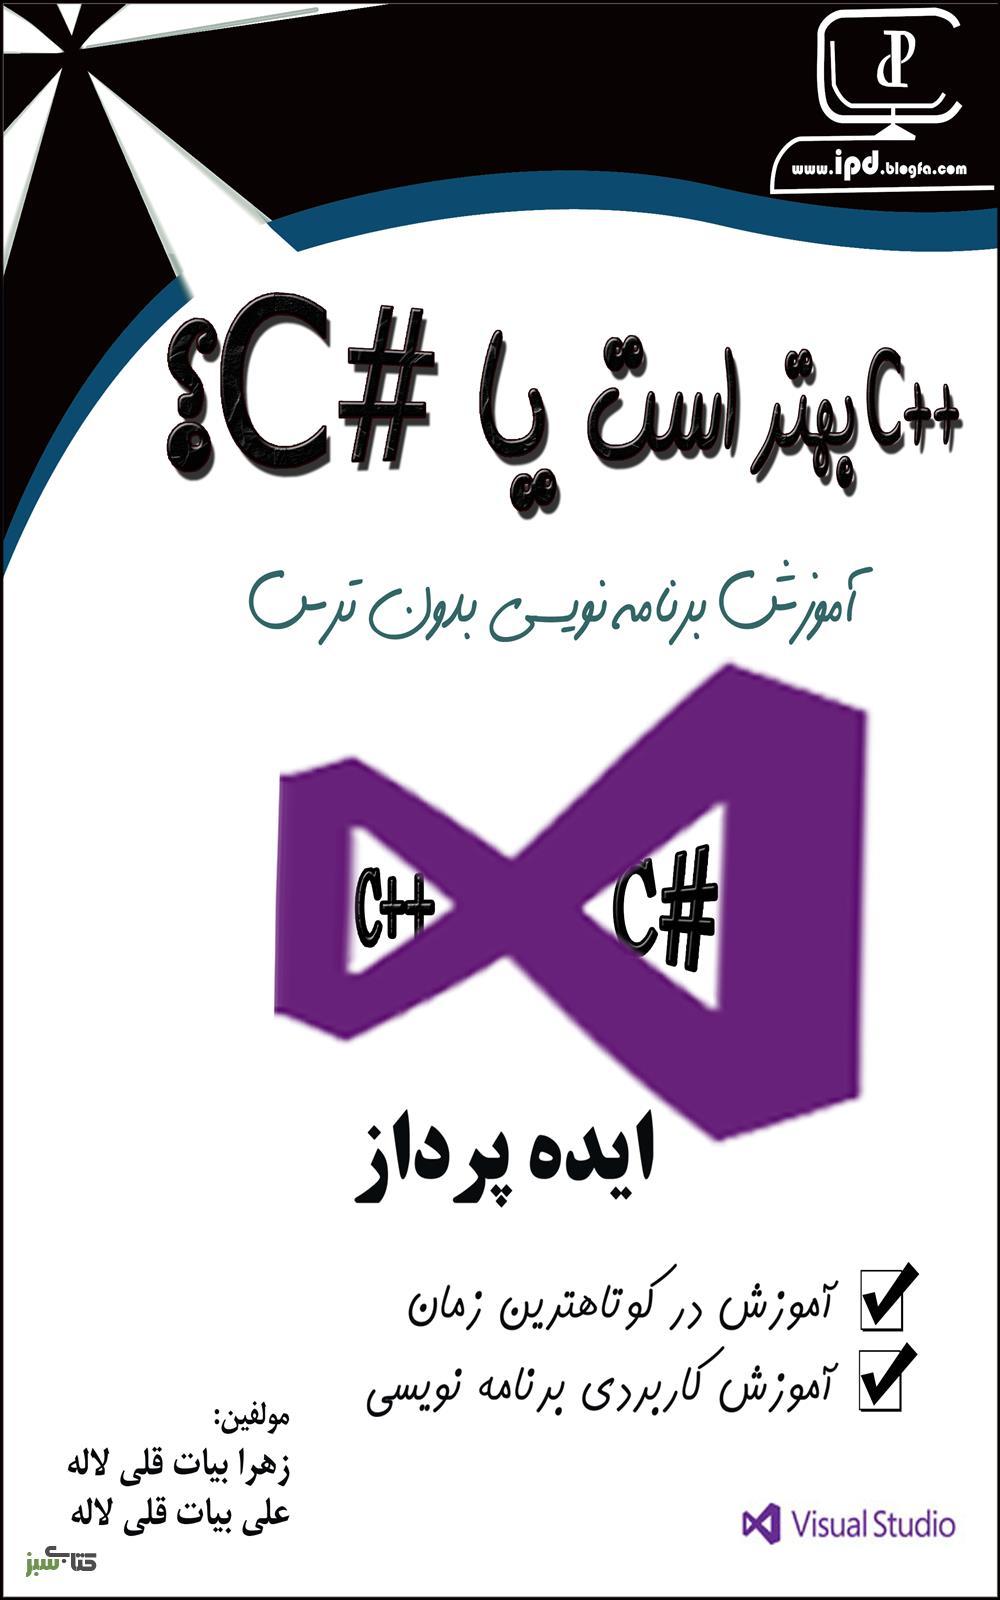 کتاب مقایسه C# و C++